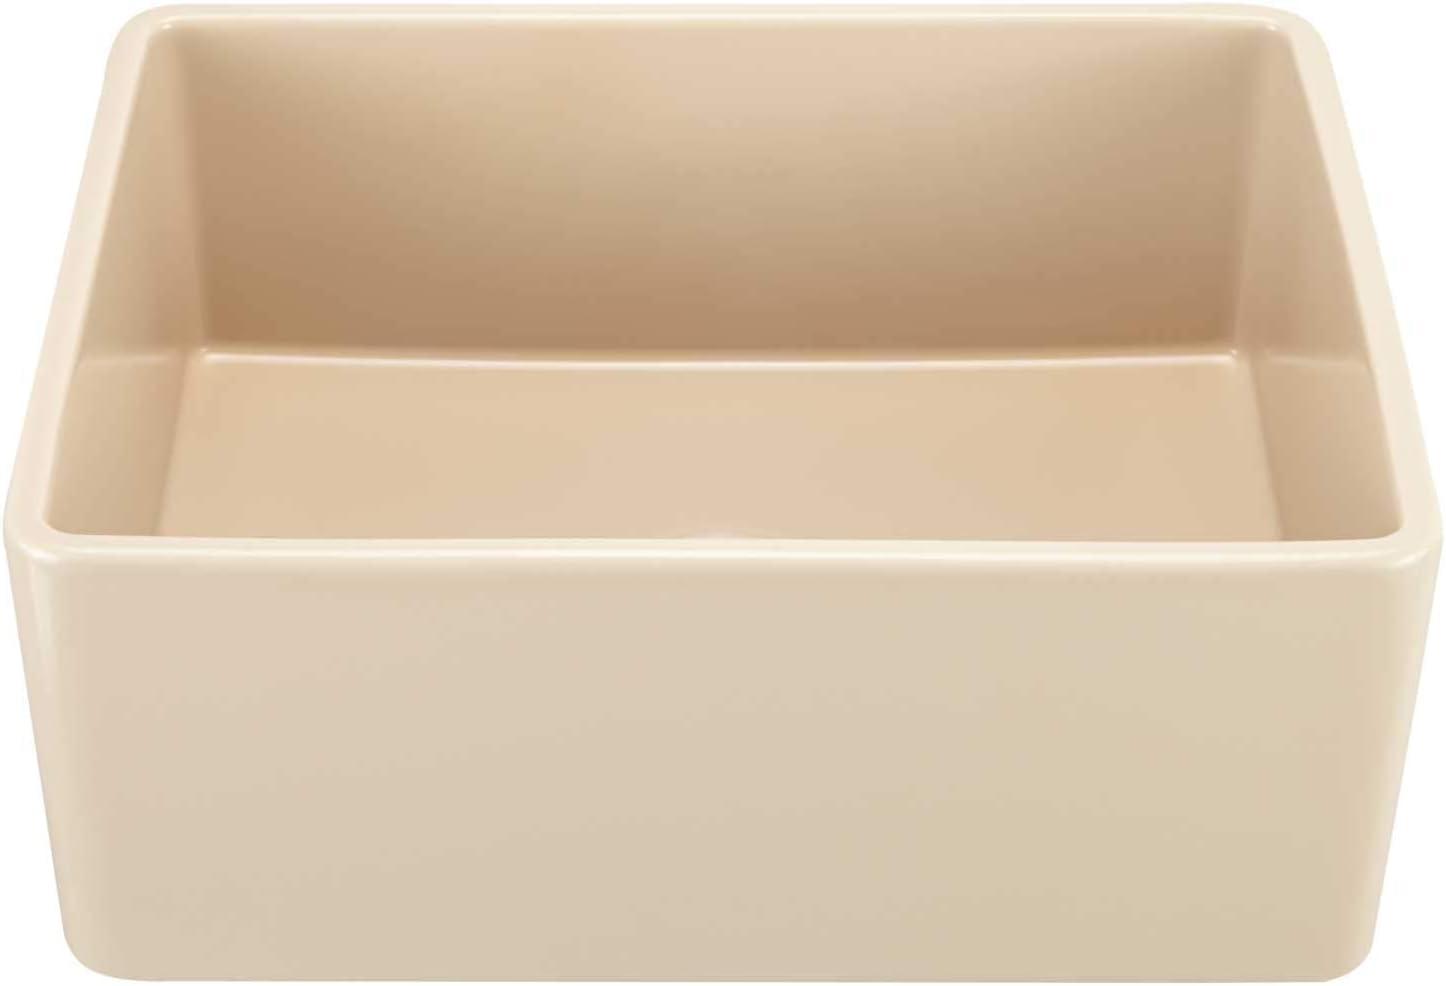 Spenderhalter mit Deckel f/ür Zuhause und B/üro Taschentuchhalter Grau Aufbewahrungsbox f/ür Feuchtt/ücher Toilettenpapier Box Sinwind Feuchtt/ücher-Box Baby Feuchtt/ücherbox